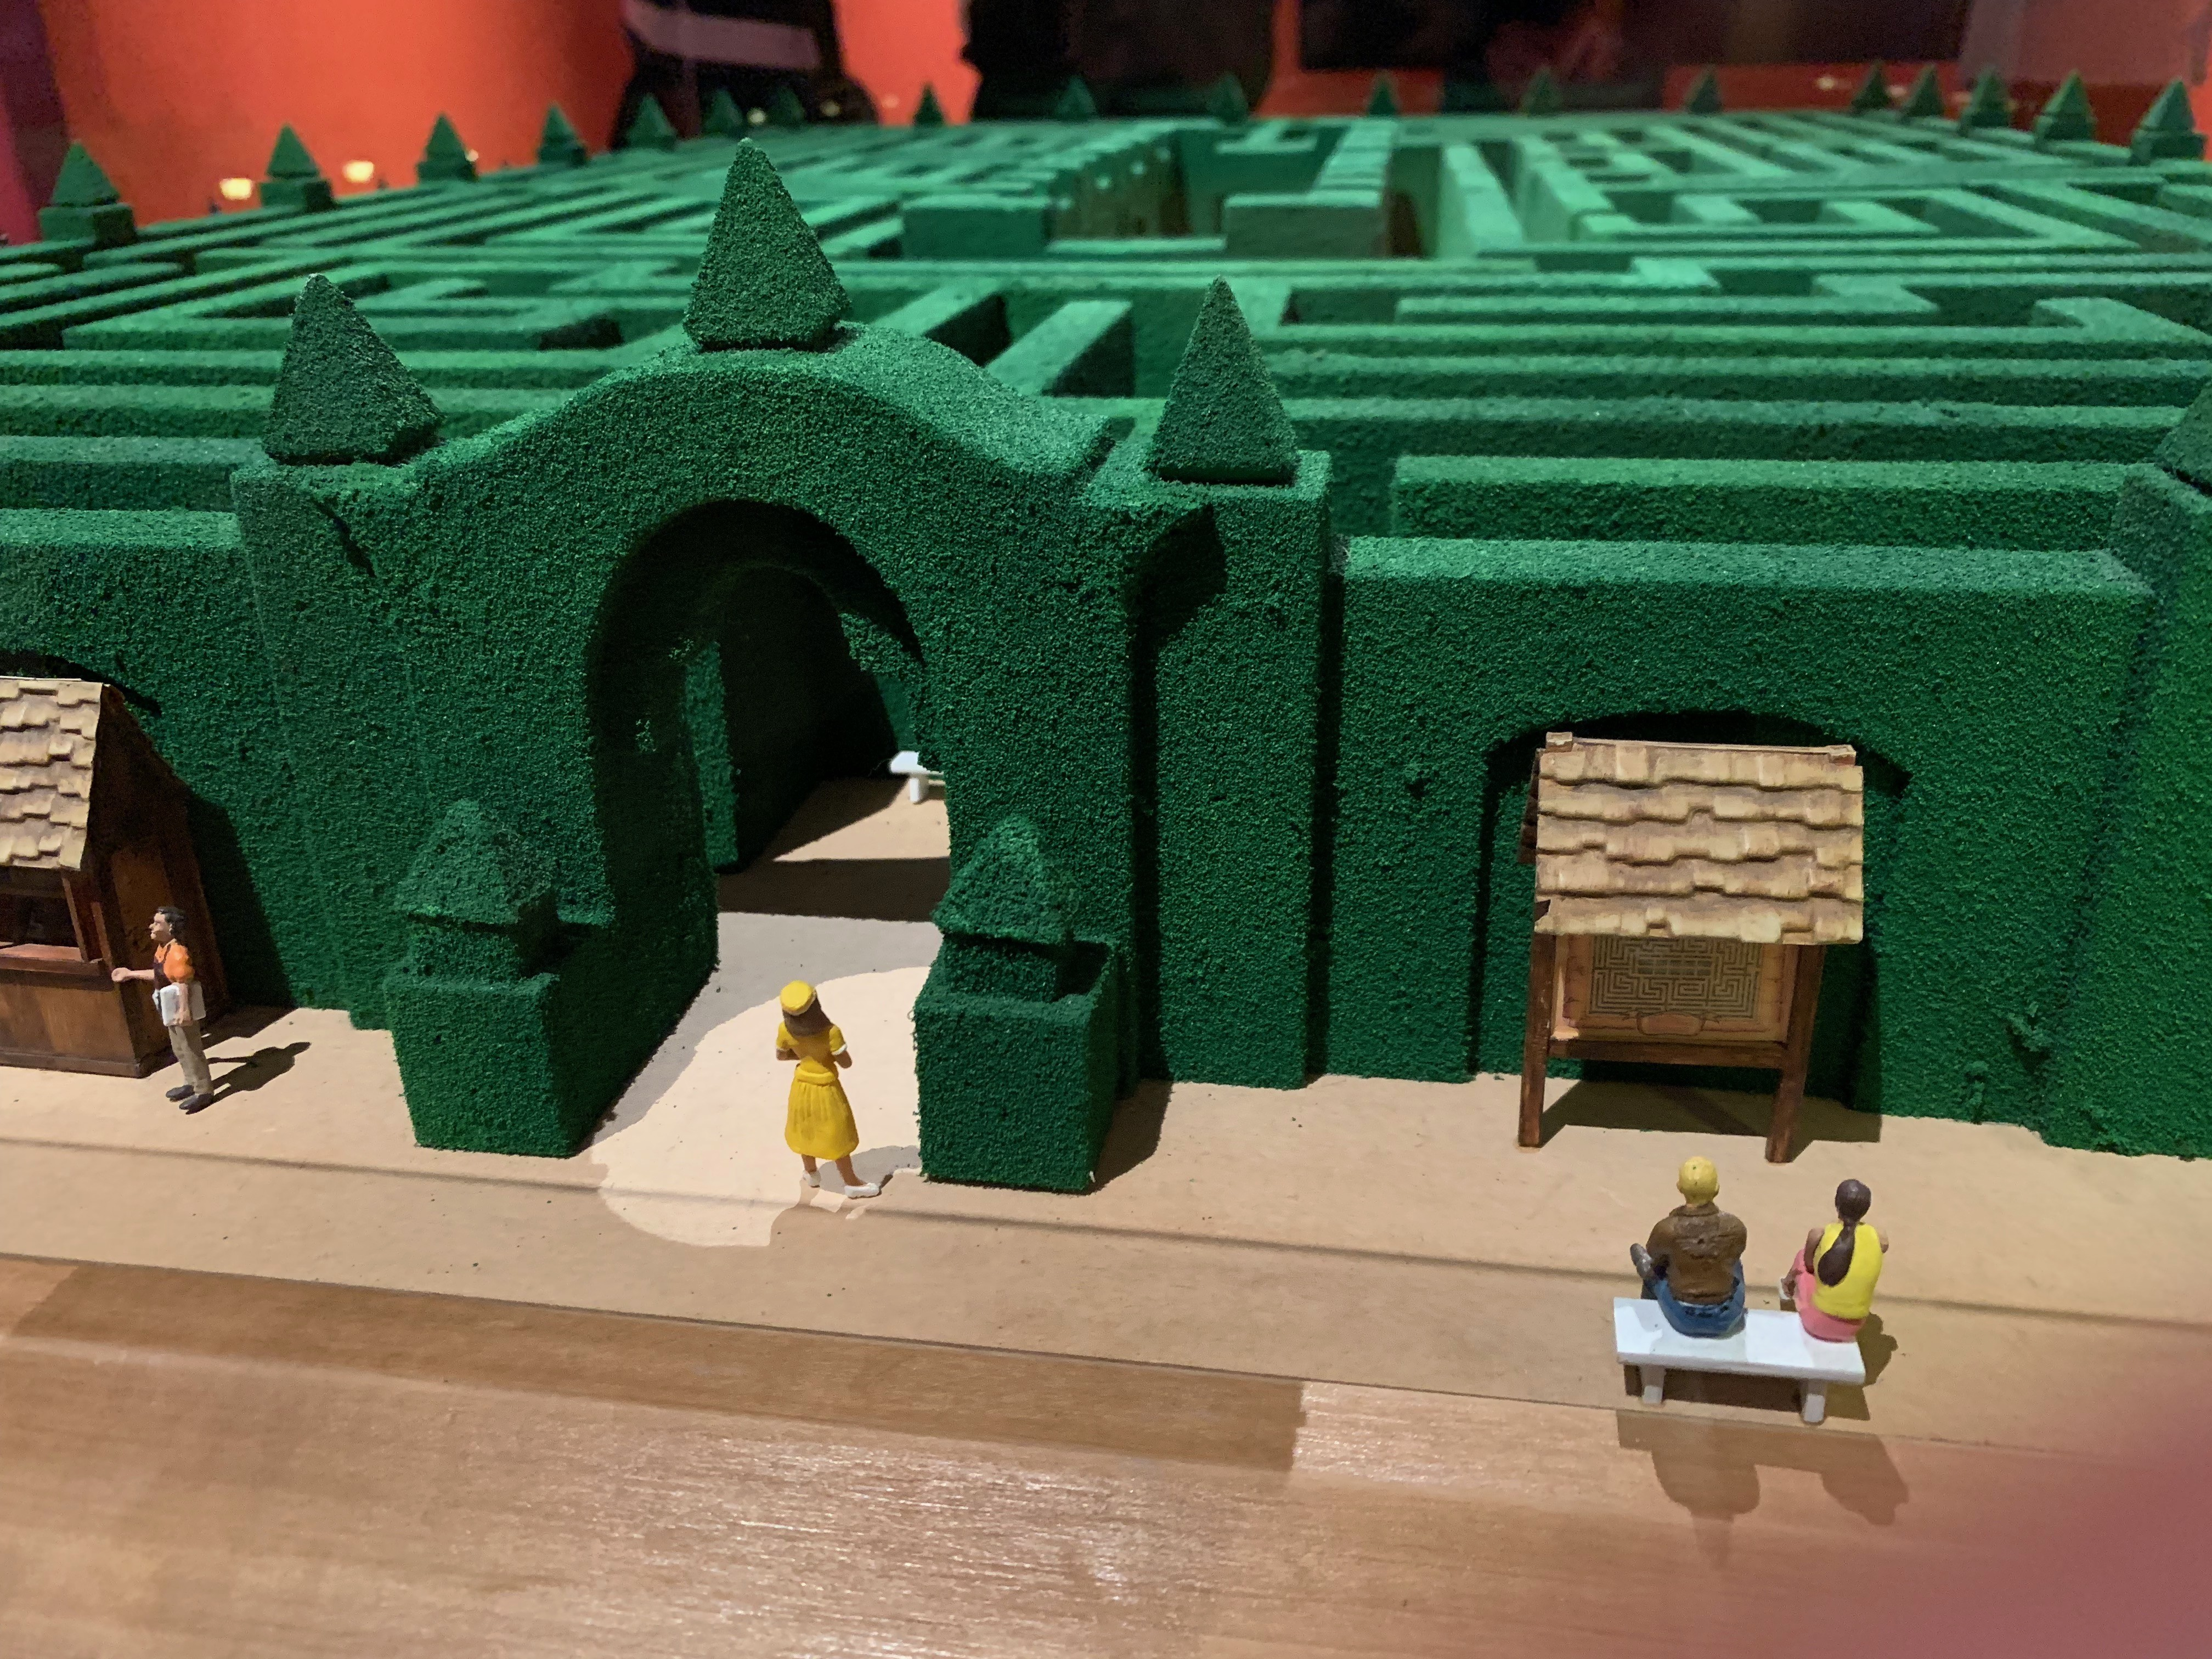 Purtroppo 'Stanley Kubrick: the Exhibition' non è allestita all'interno di un labirinto